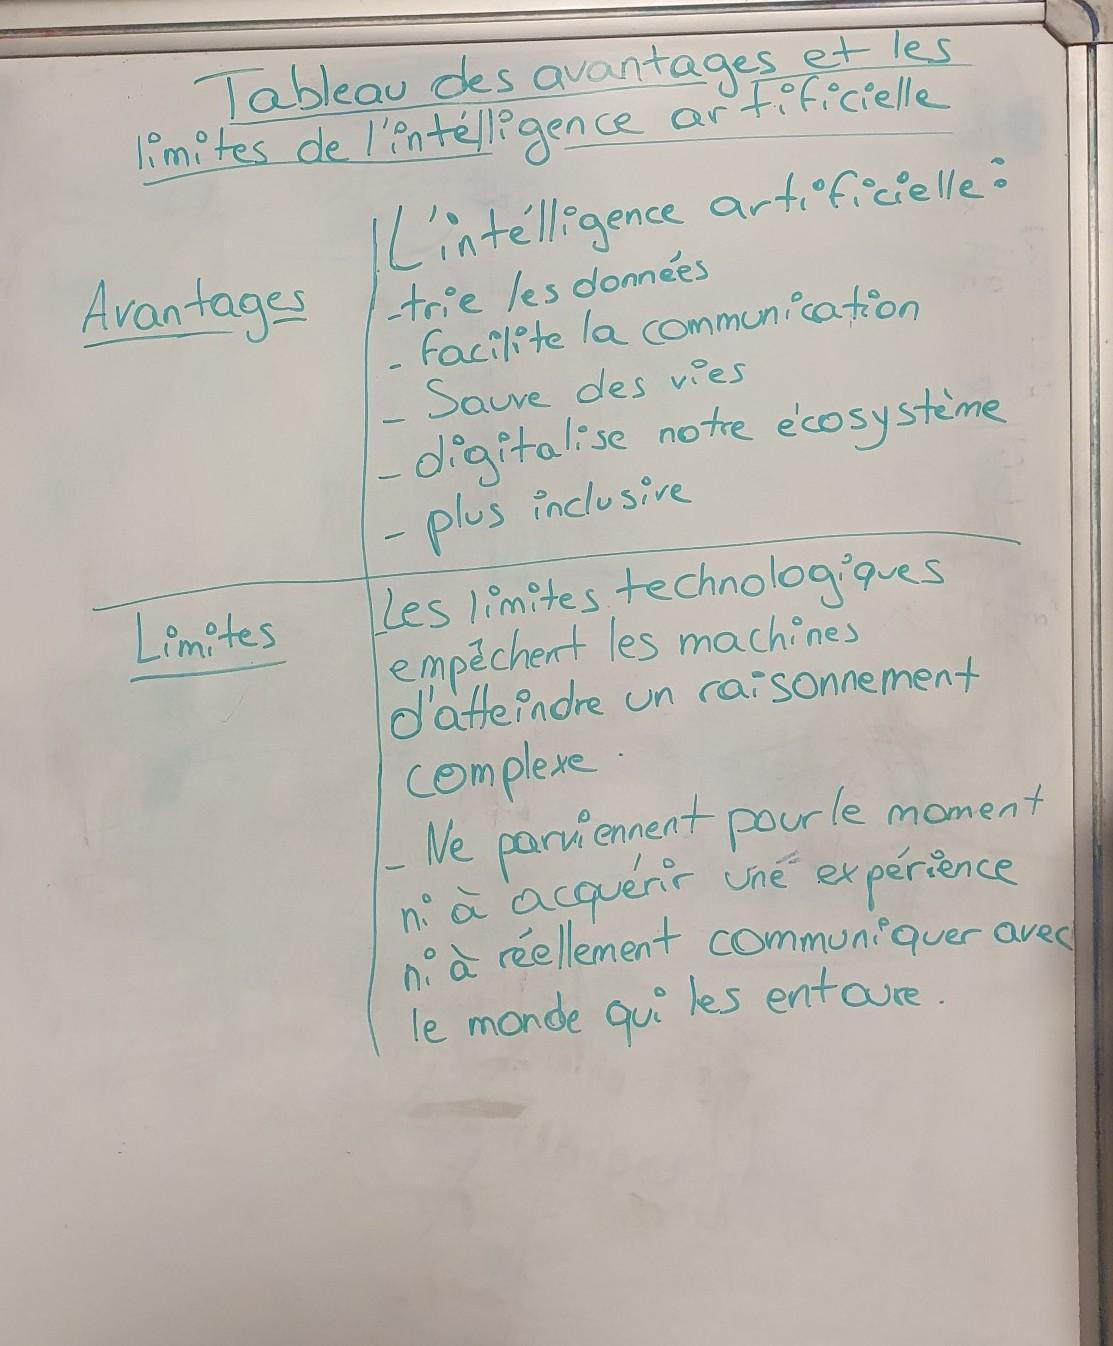 Les Limites De L'intelligence Artificielle : limites, l'intelligence, artificielle, Questions, Présentez,, Tableau,, Avantages, Limites, Intelligence, Nosdevoirs.fr